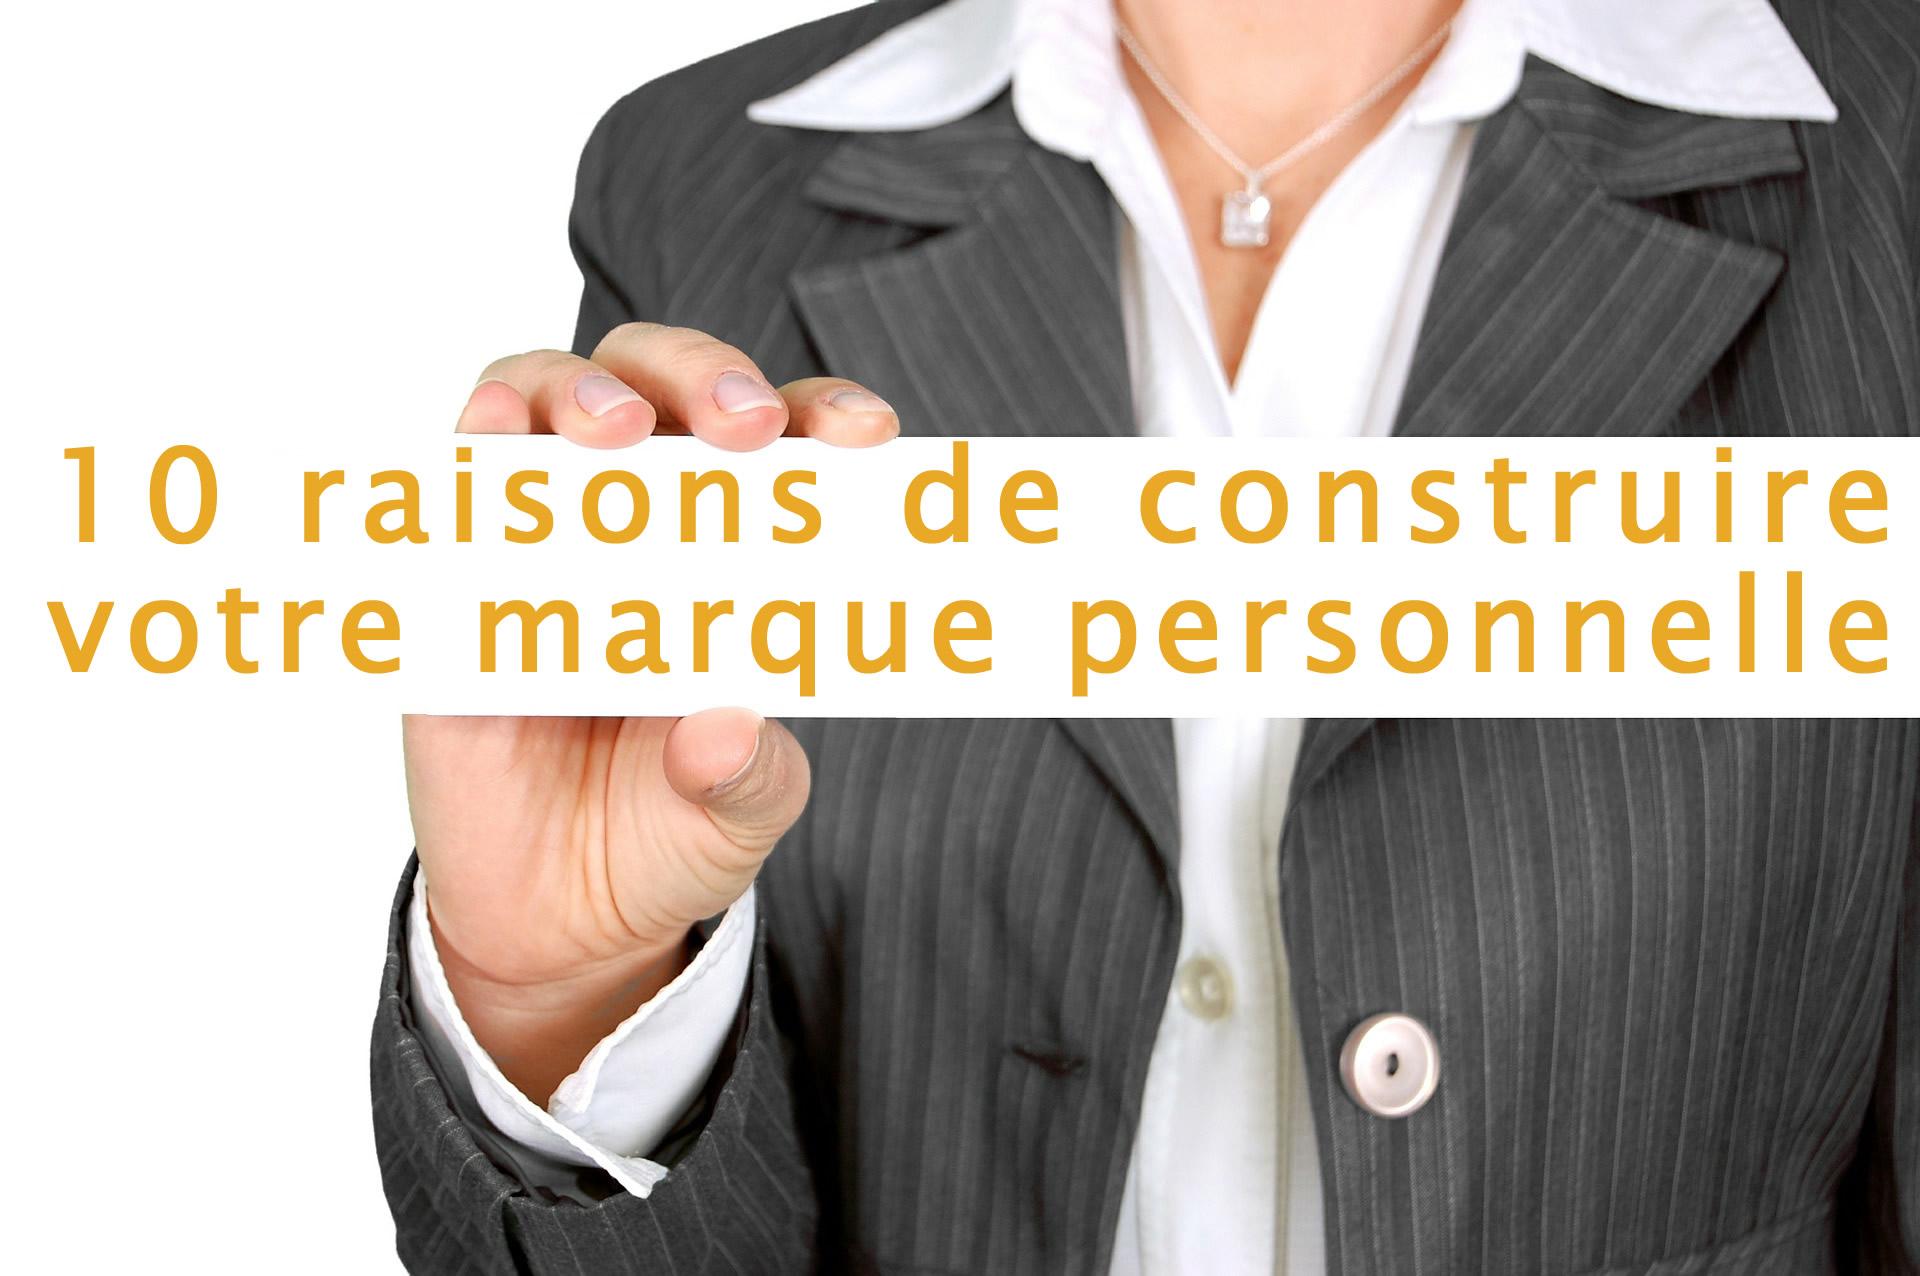 10 raisons de construire votre marque personnelle